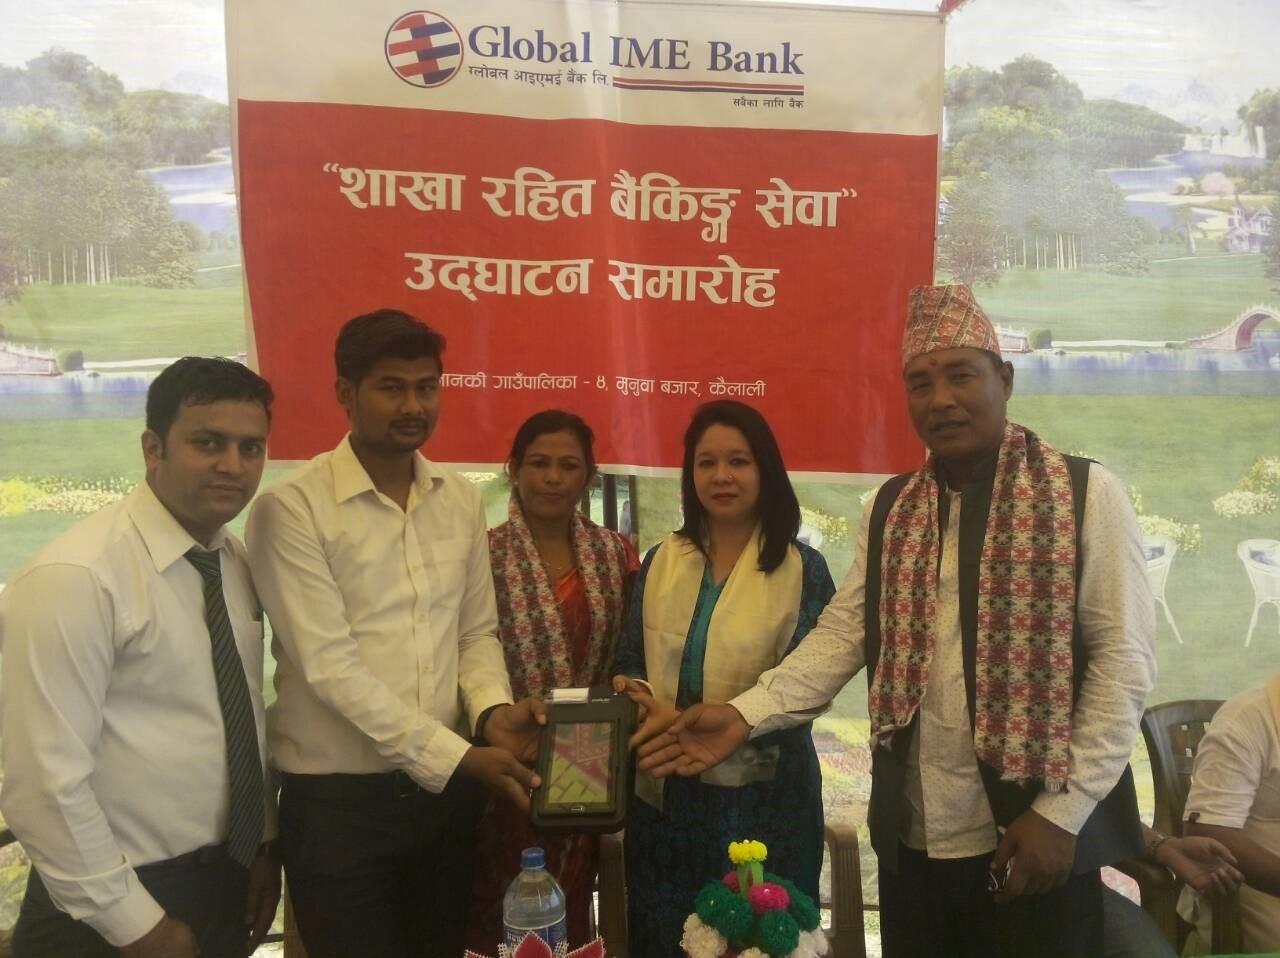 ग्लोबल आइएमईको ८४औं शाखारहित बैंकिङ्ग मुनुवामा